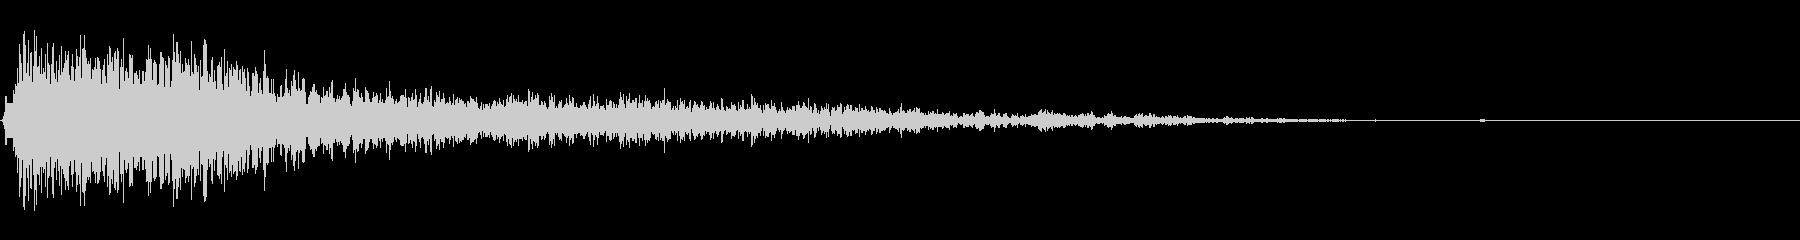 爆発;メタルデブリ07の未再生の波形